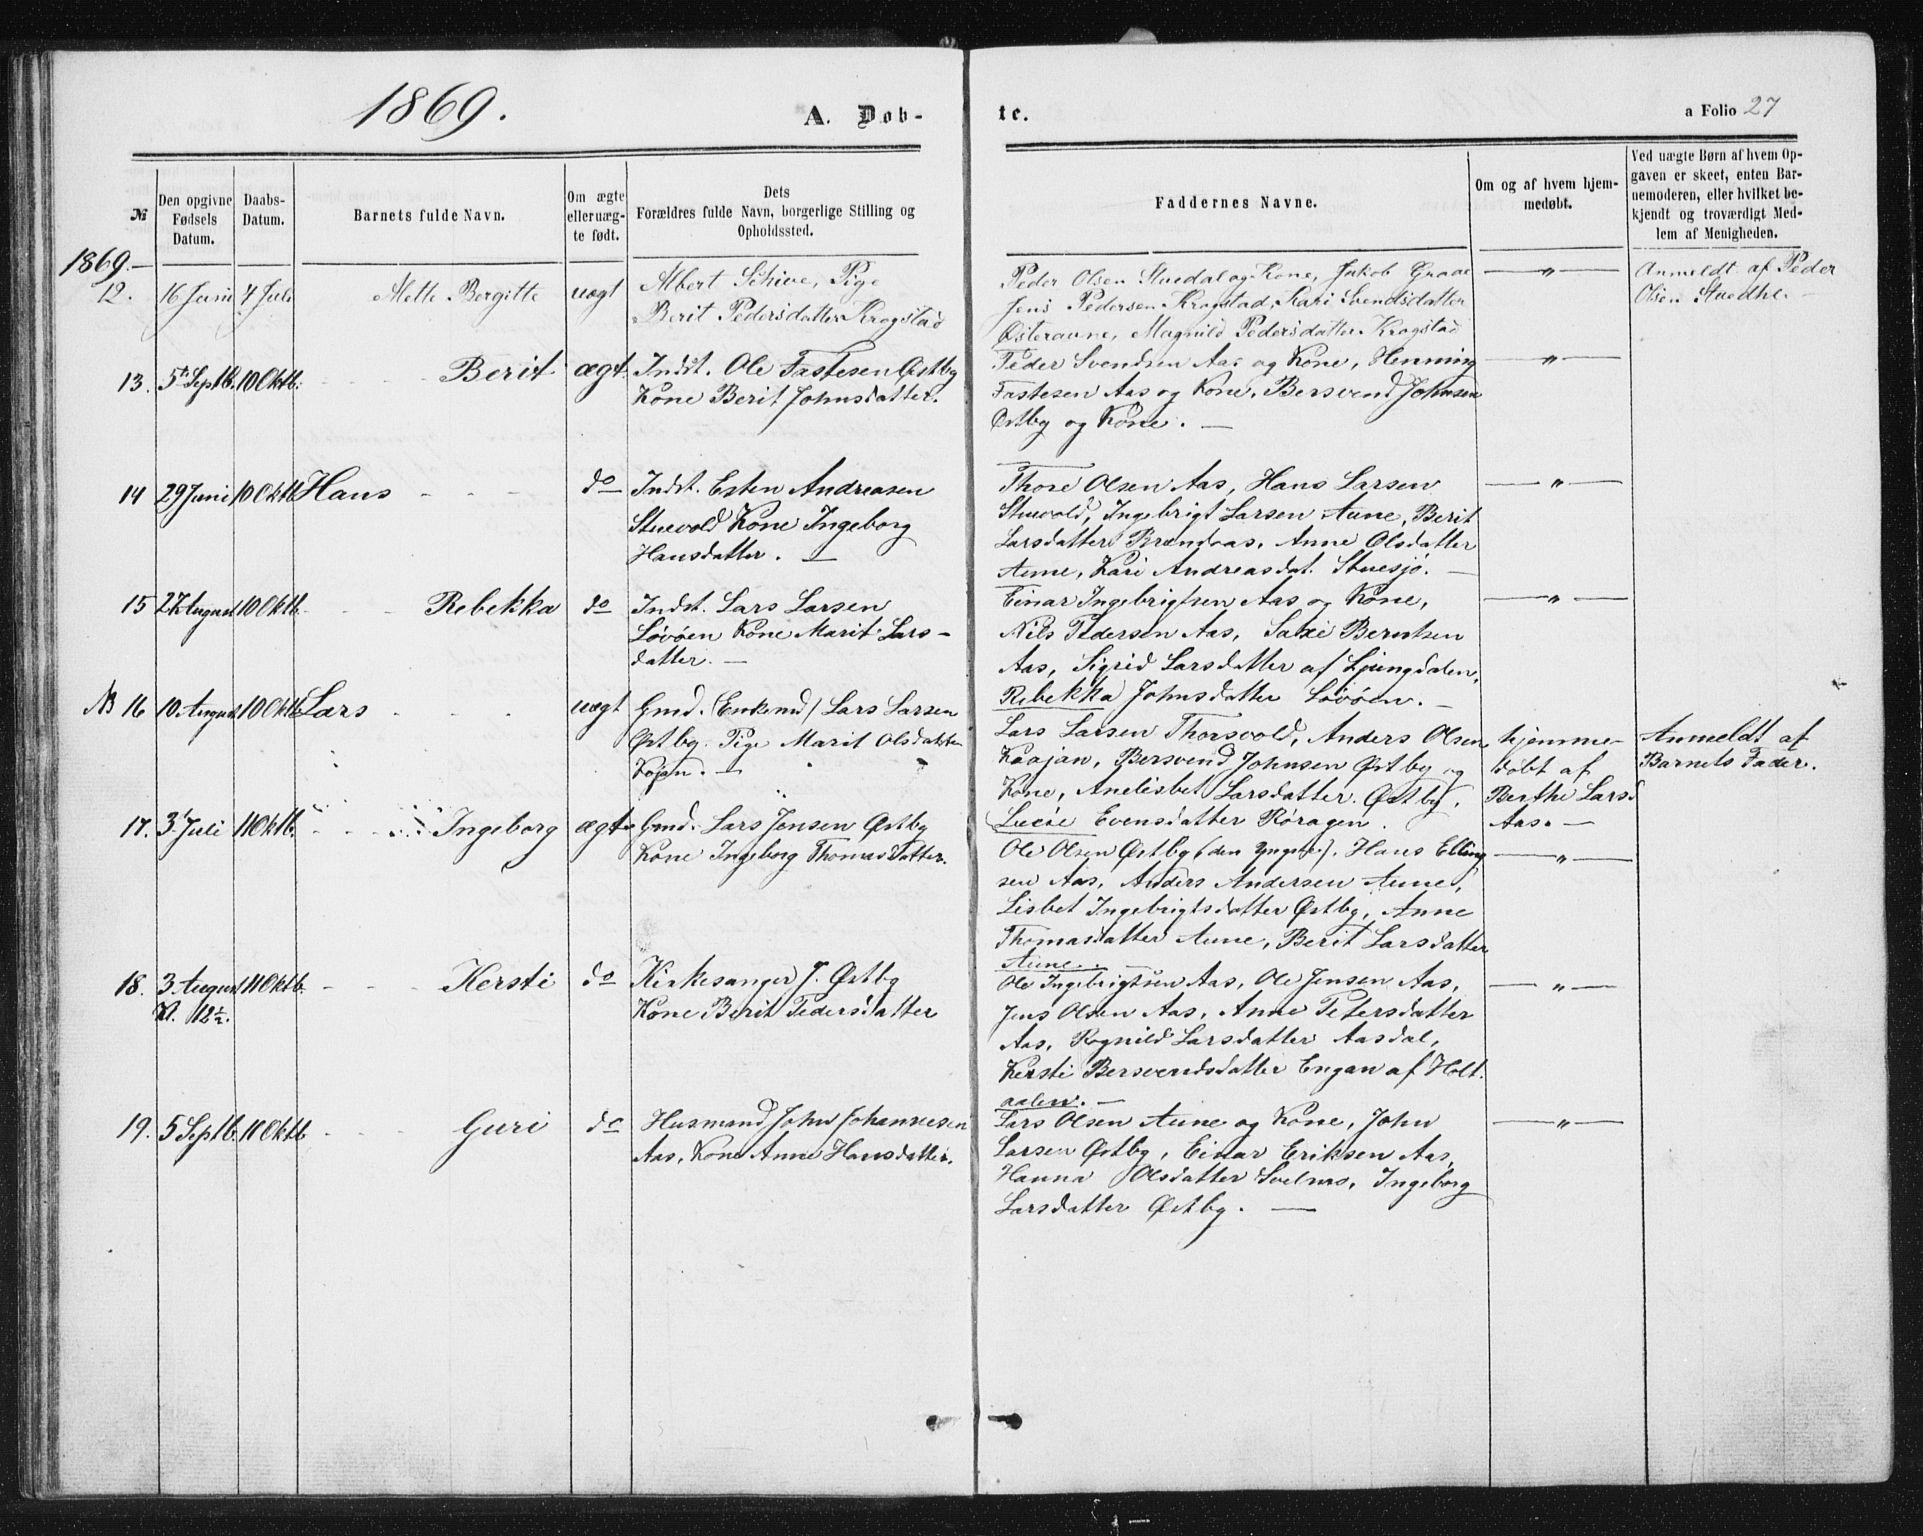 SAT, Ministerialprotokoller, klokkerbøker og fødselsregistre - Sør-Trøndelag, 698/L1166: Klokkerbok nr. 698C03, 1861-1887, s. 27